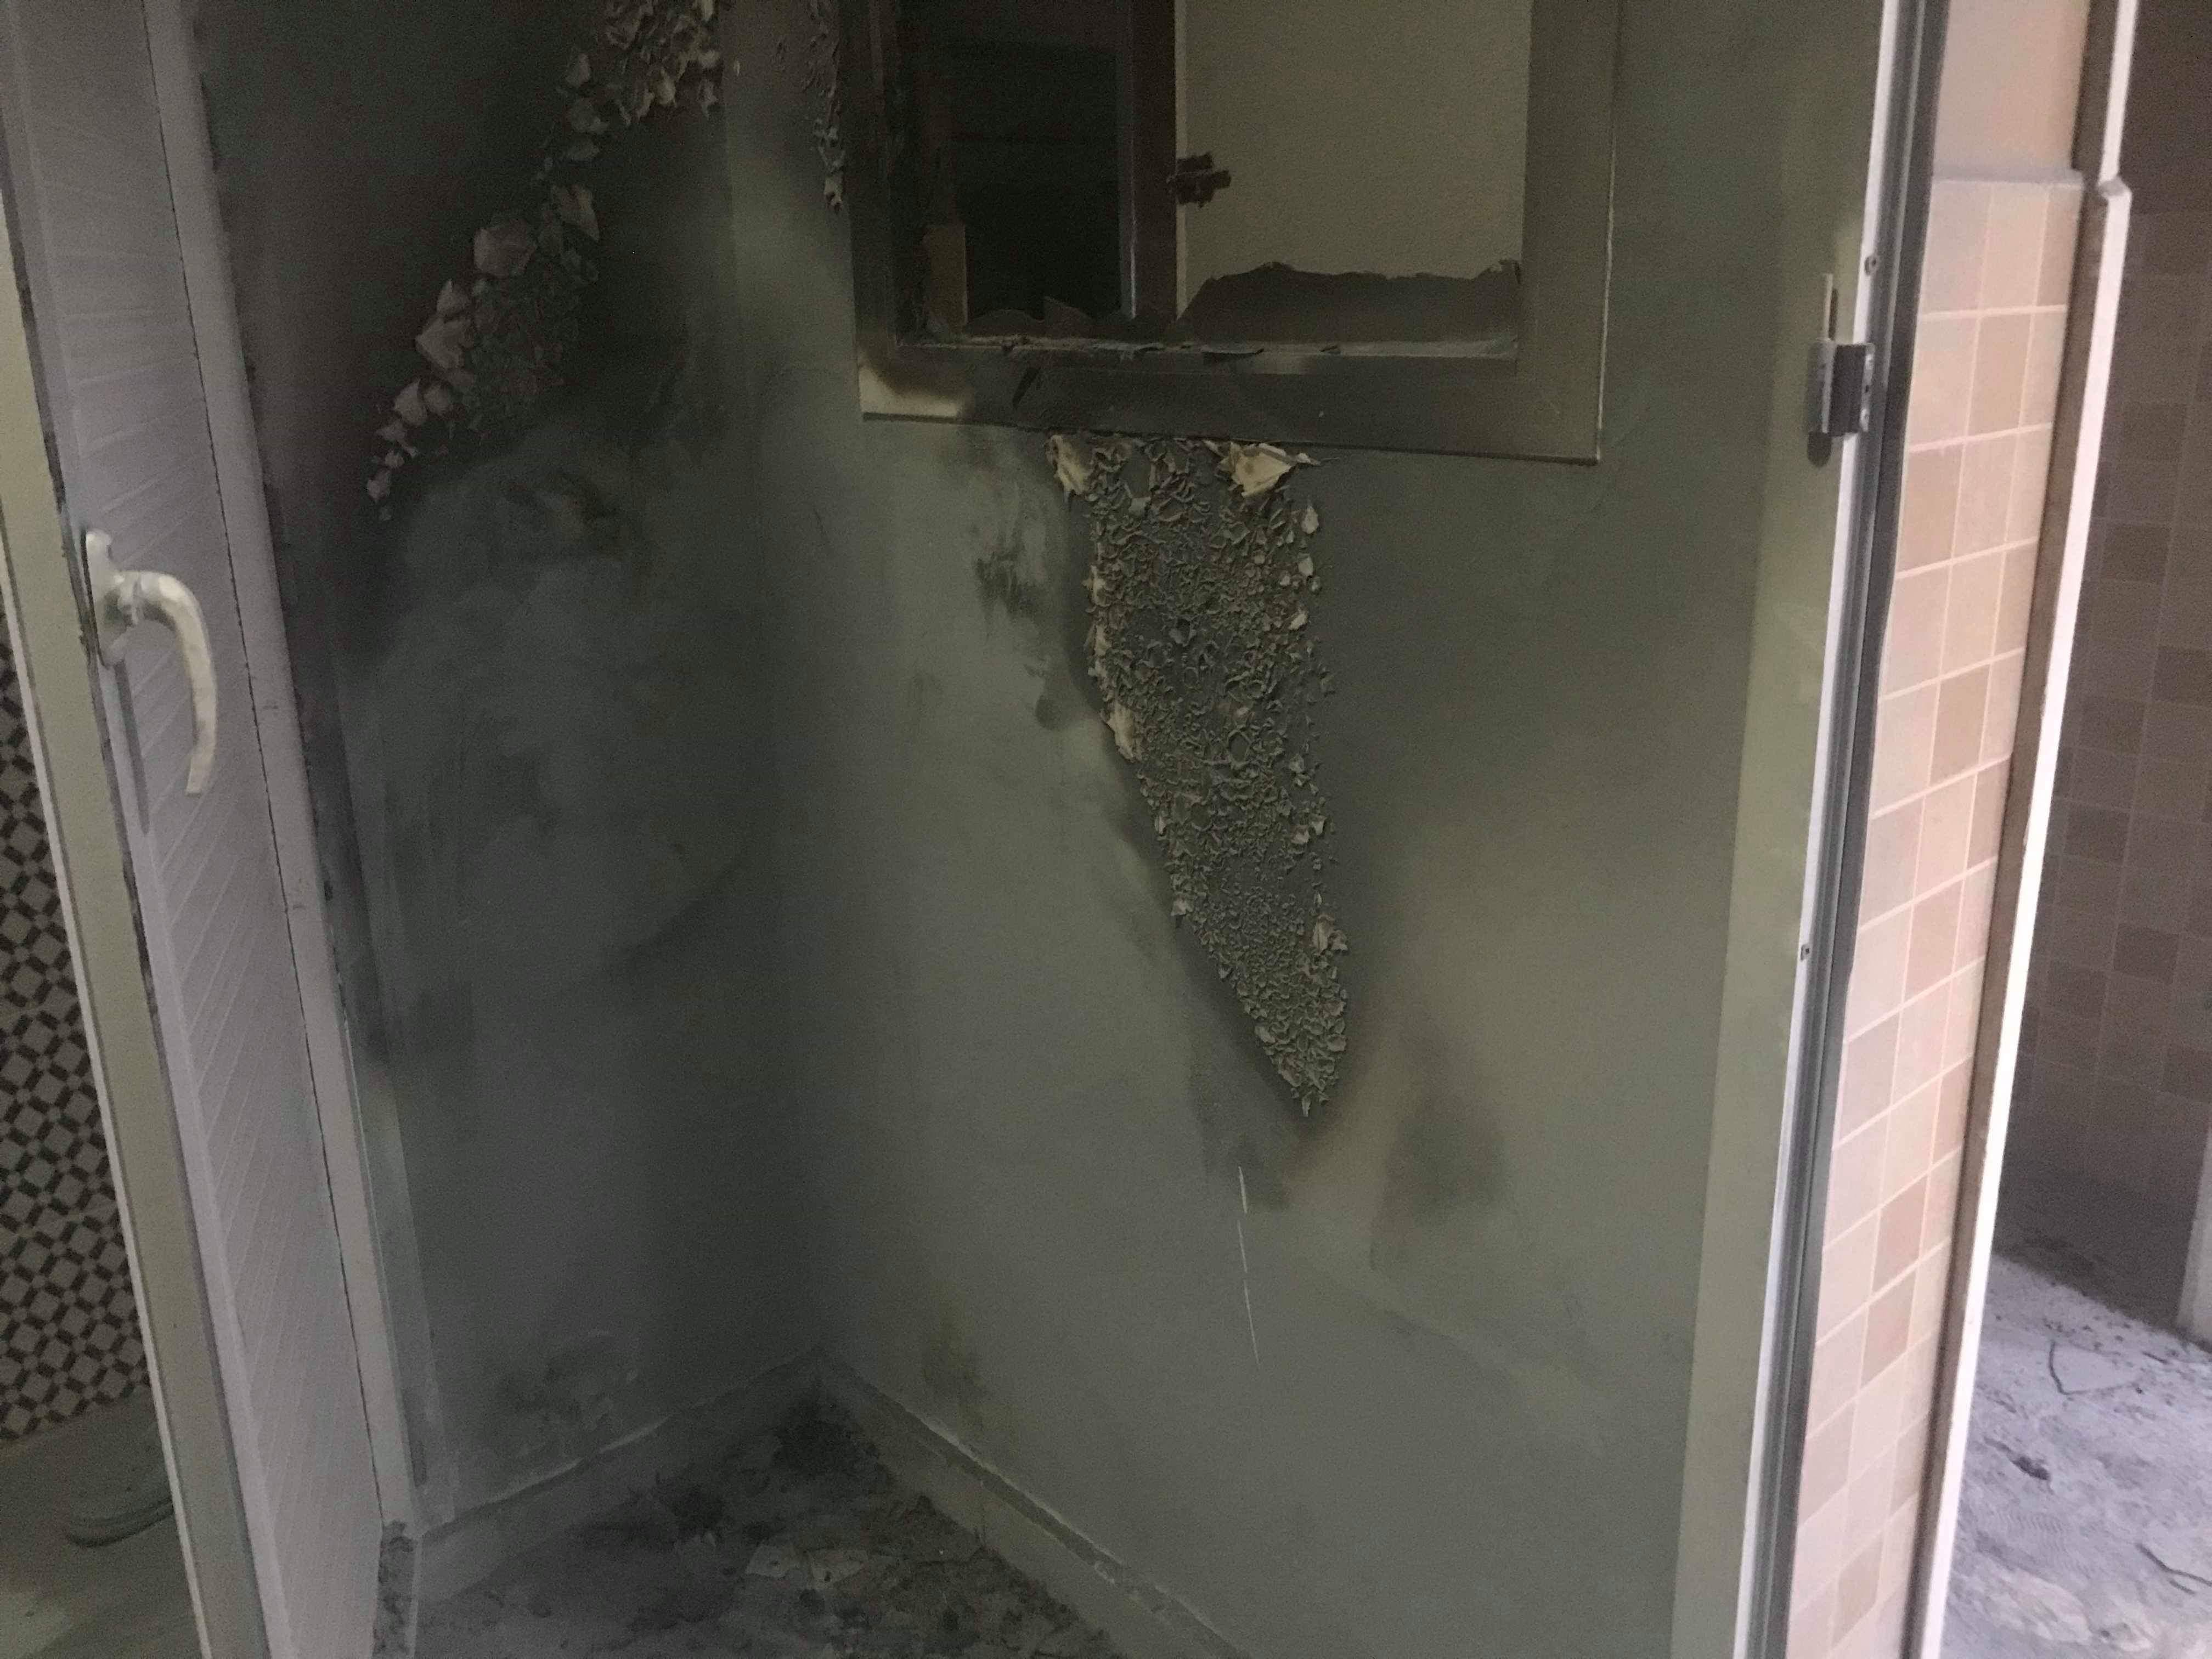 تماس كهربائي يتسبب في اندلاع حريق داخل جناح بالمستشفى الحسني وتجهيزات مهمة تتعرض للإتلاف